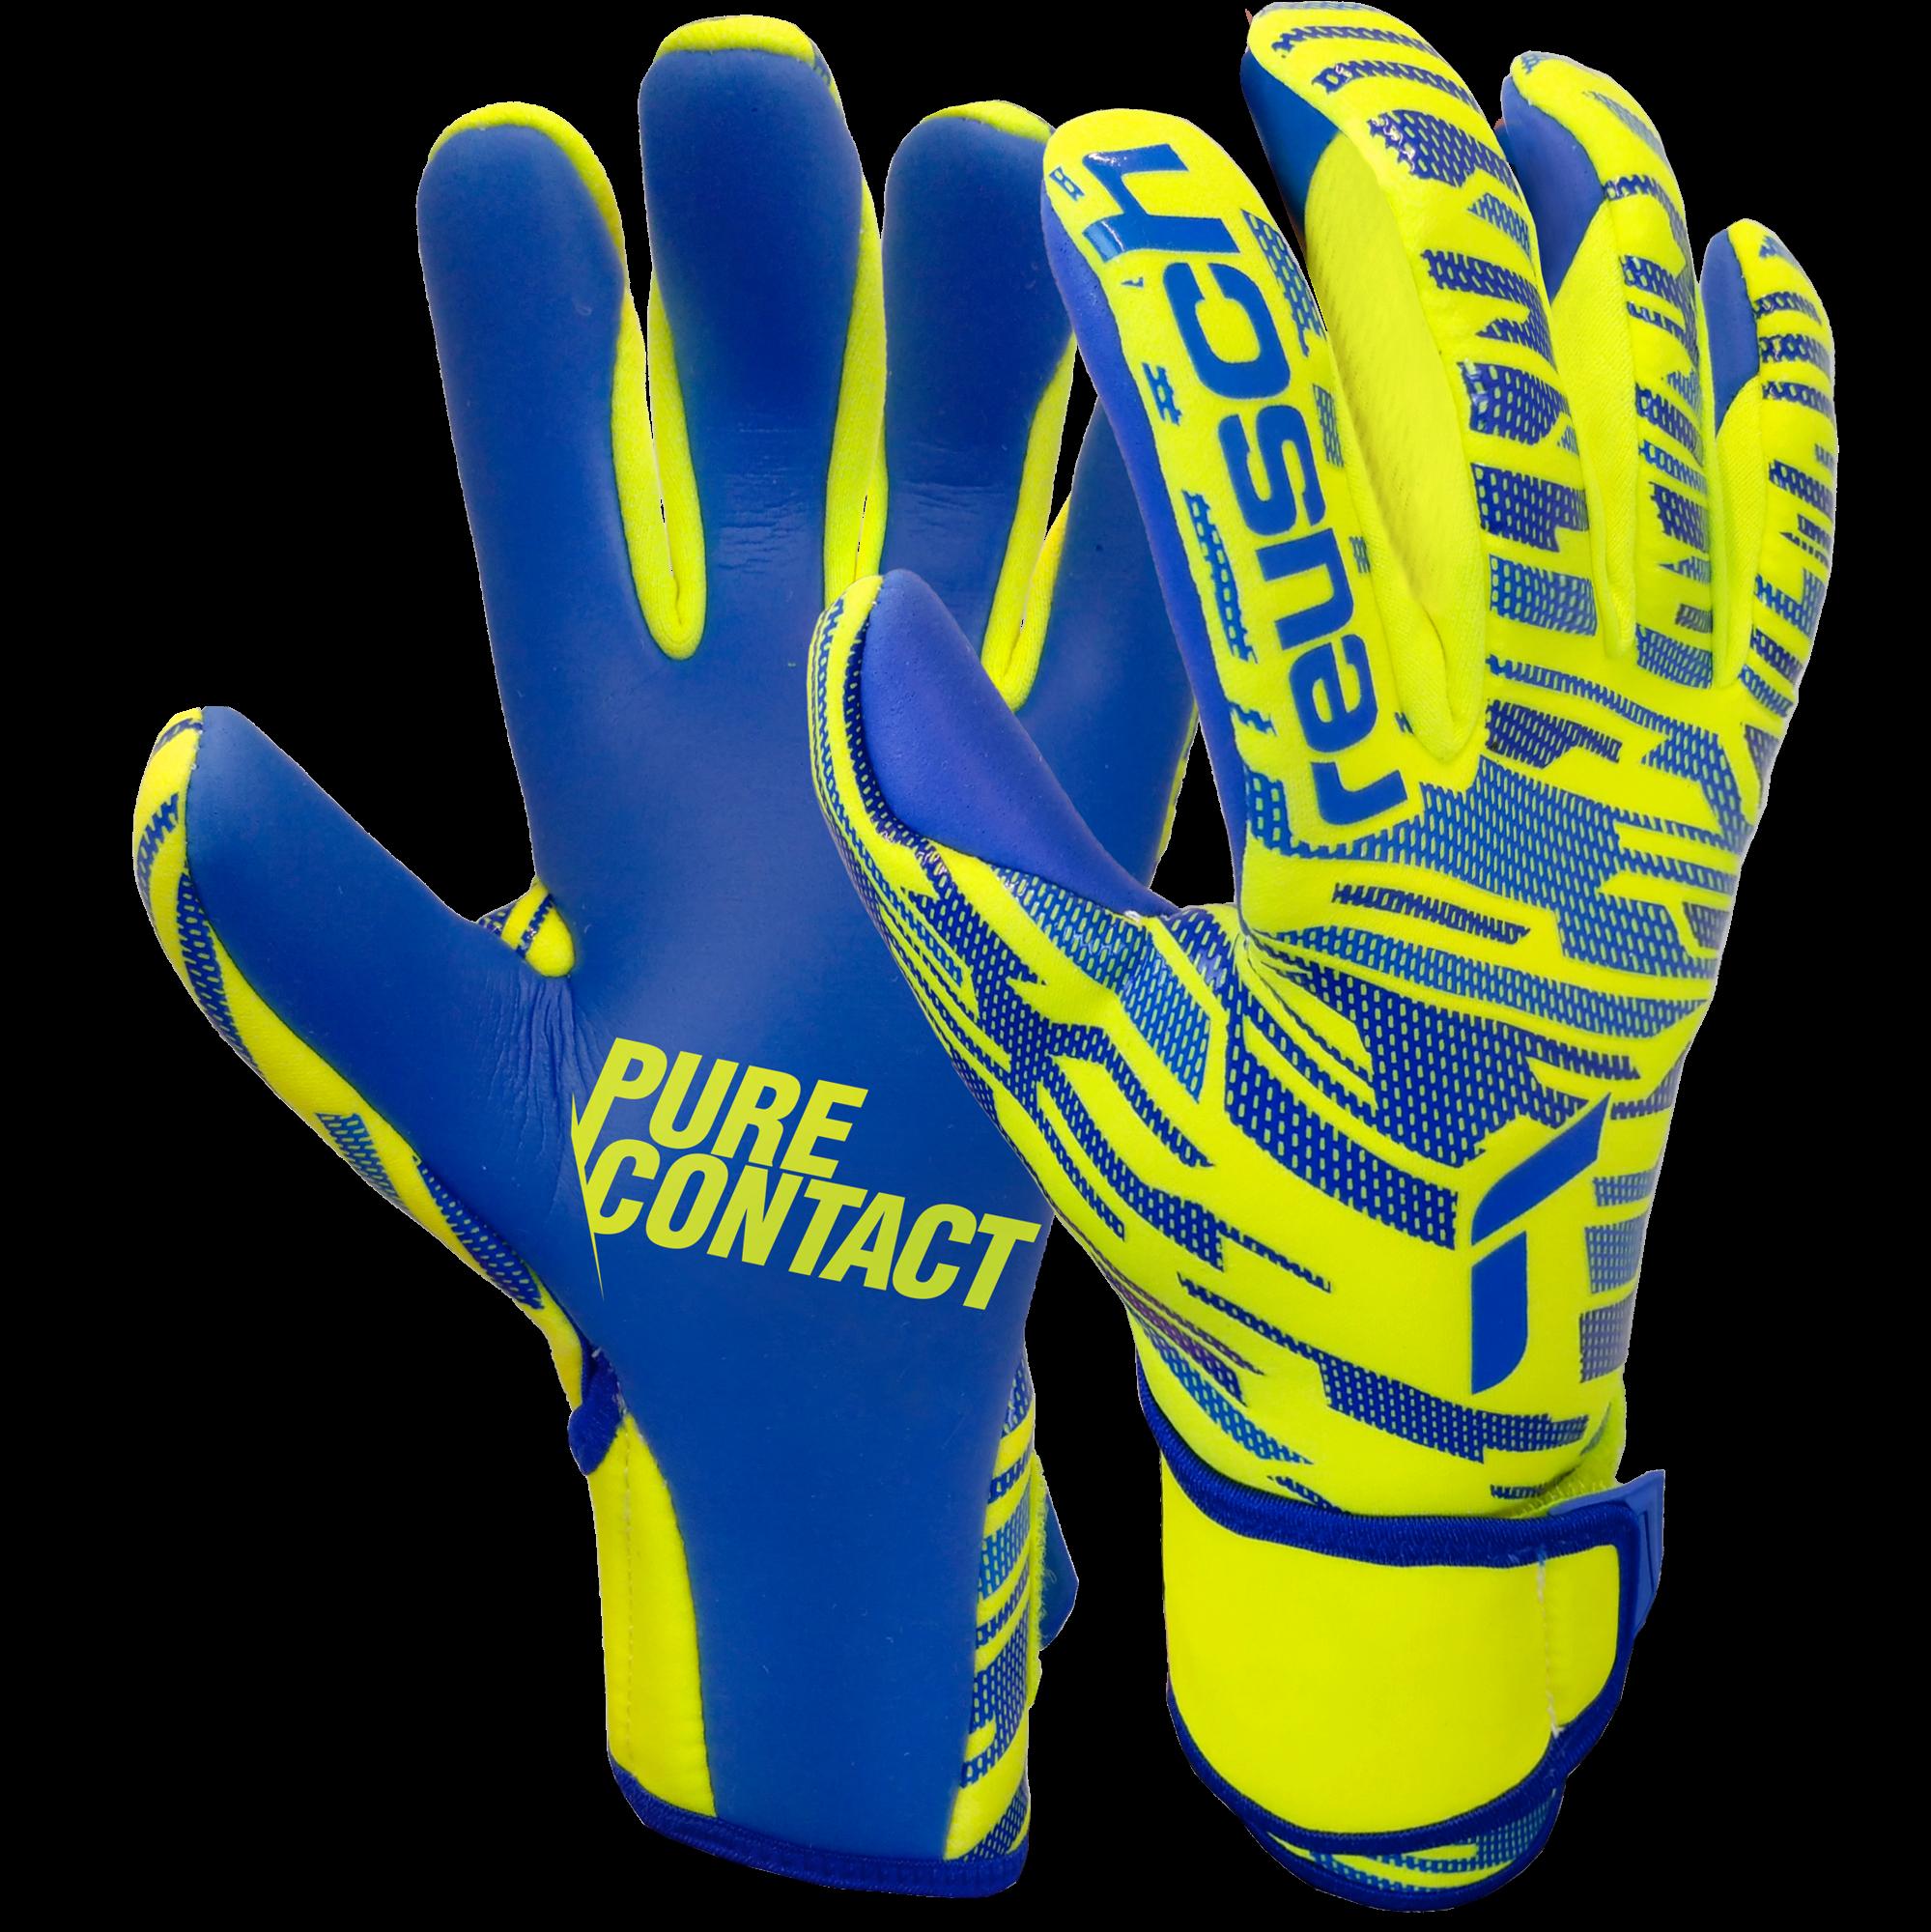 Reusch Torwart Hanschuh Pure Contact II S1 Junior